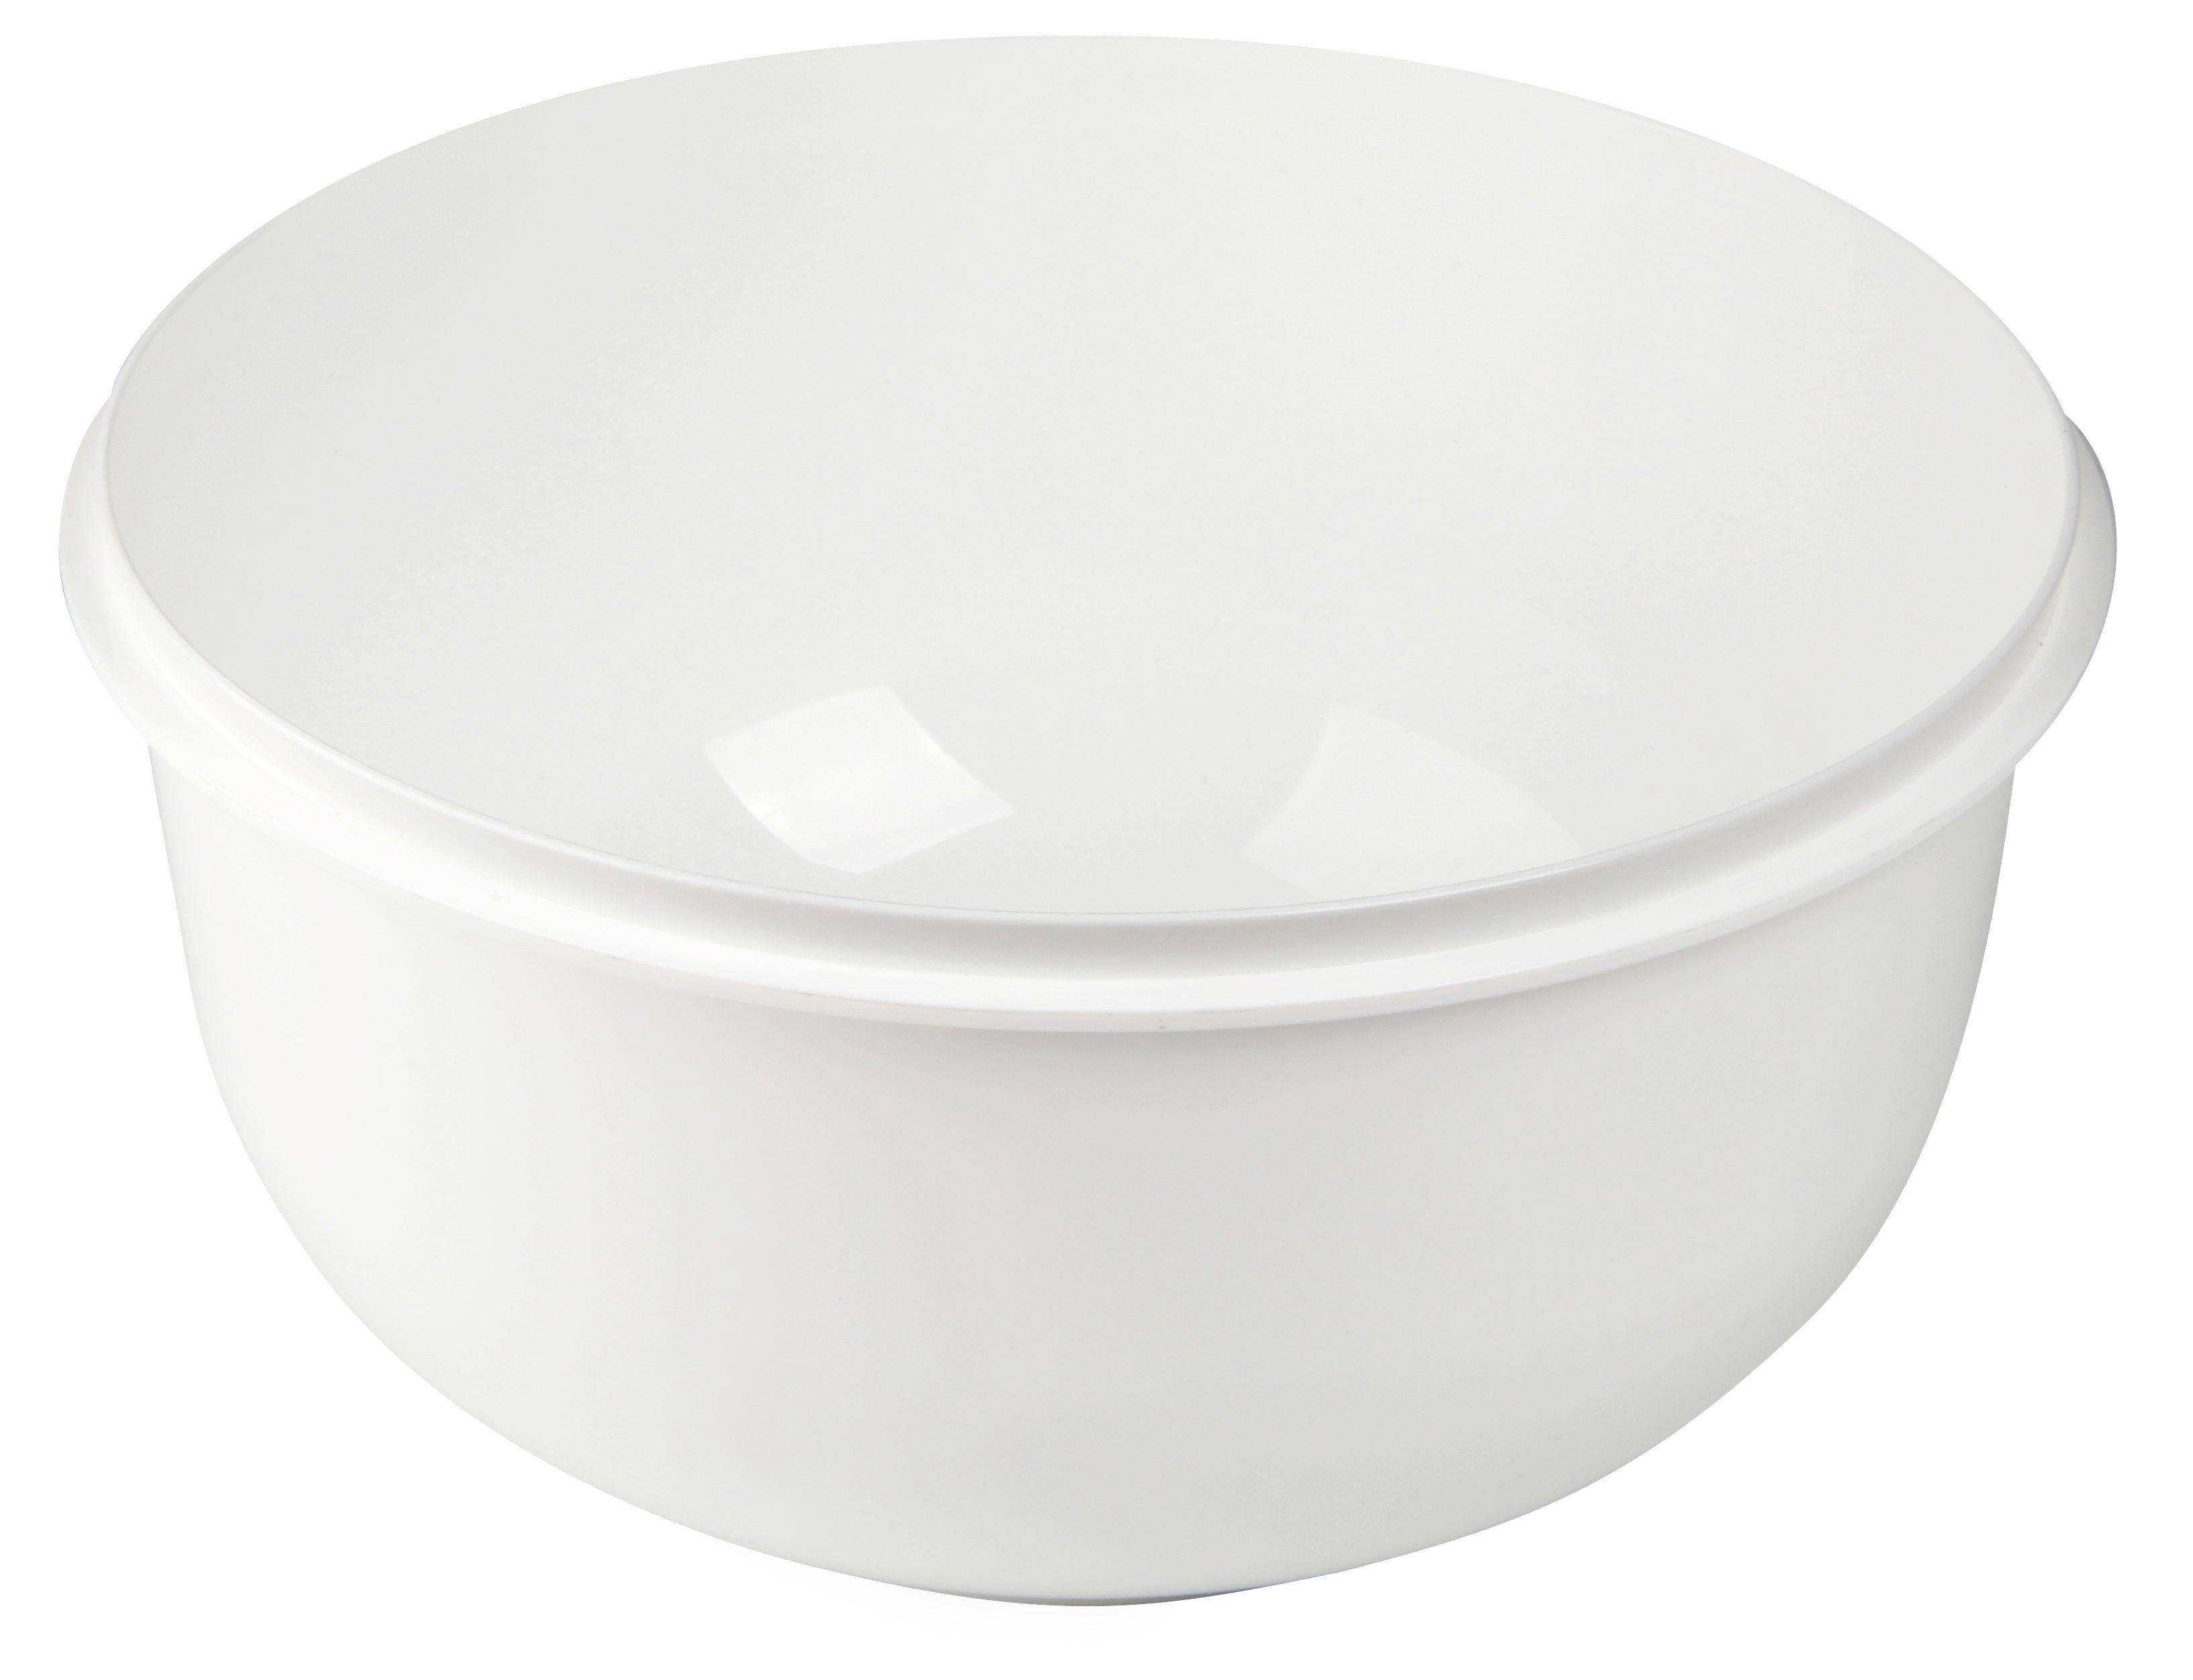 RÜHRSCHÜSSEL - Rosa/Weiß, Kunststoff (28/15cm)